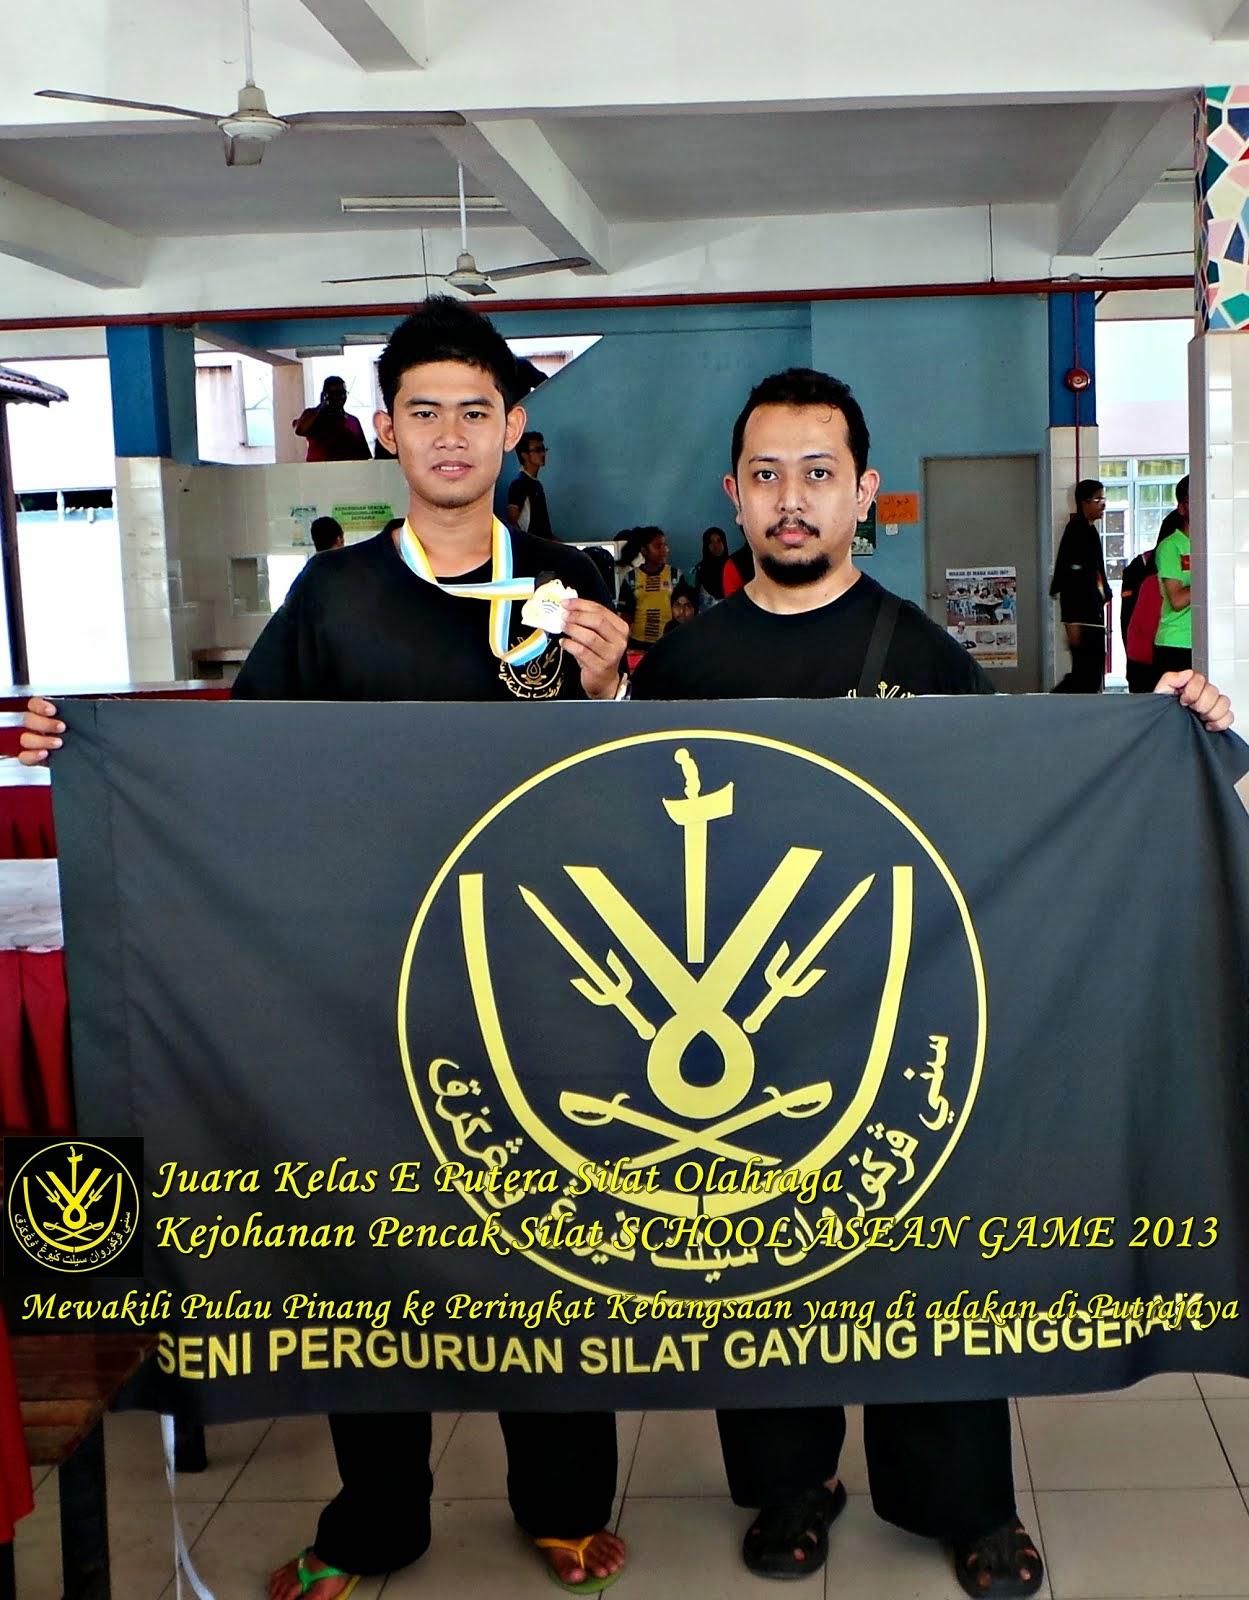 Juara 2013